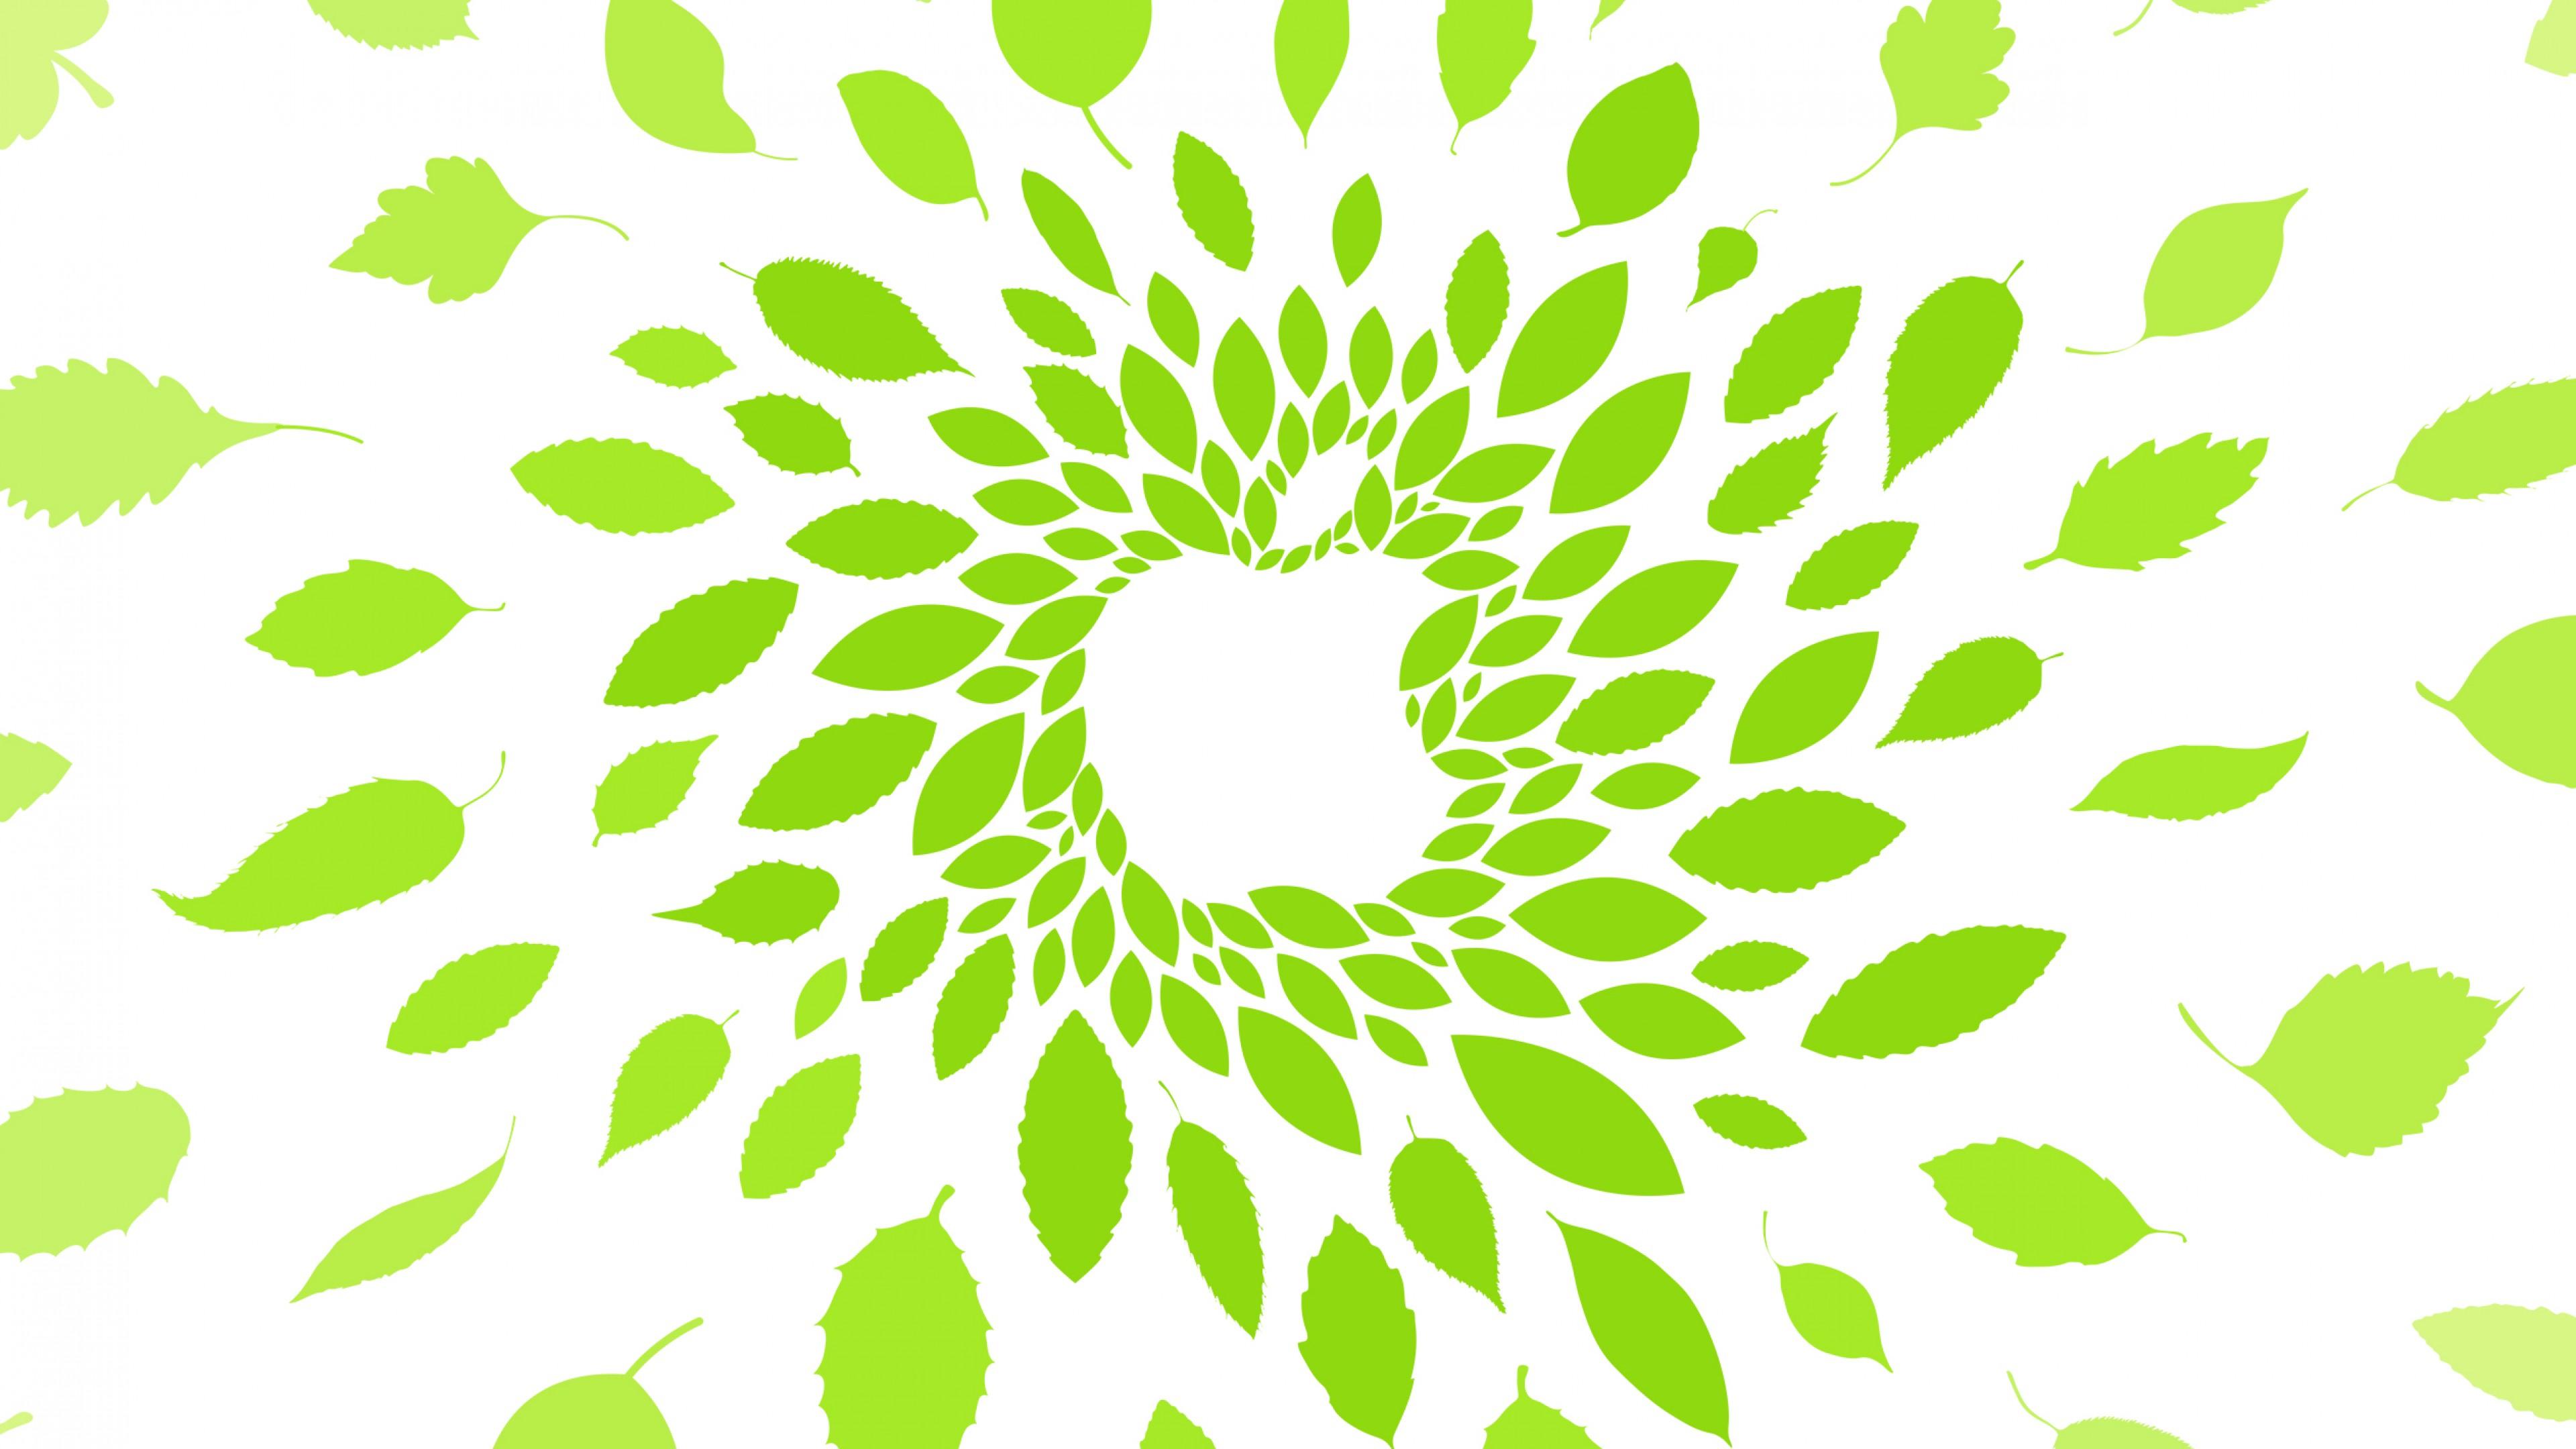 Логотип Белое яблоко и ярко-зеленые листья